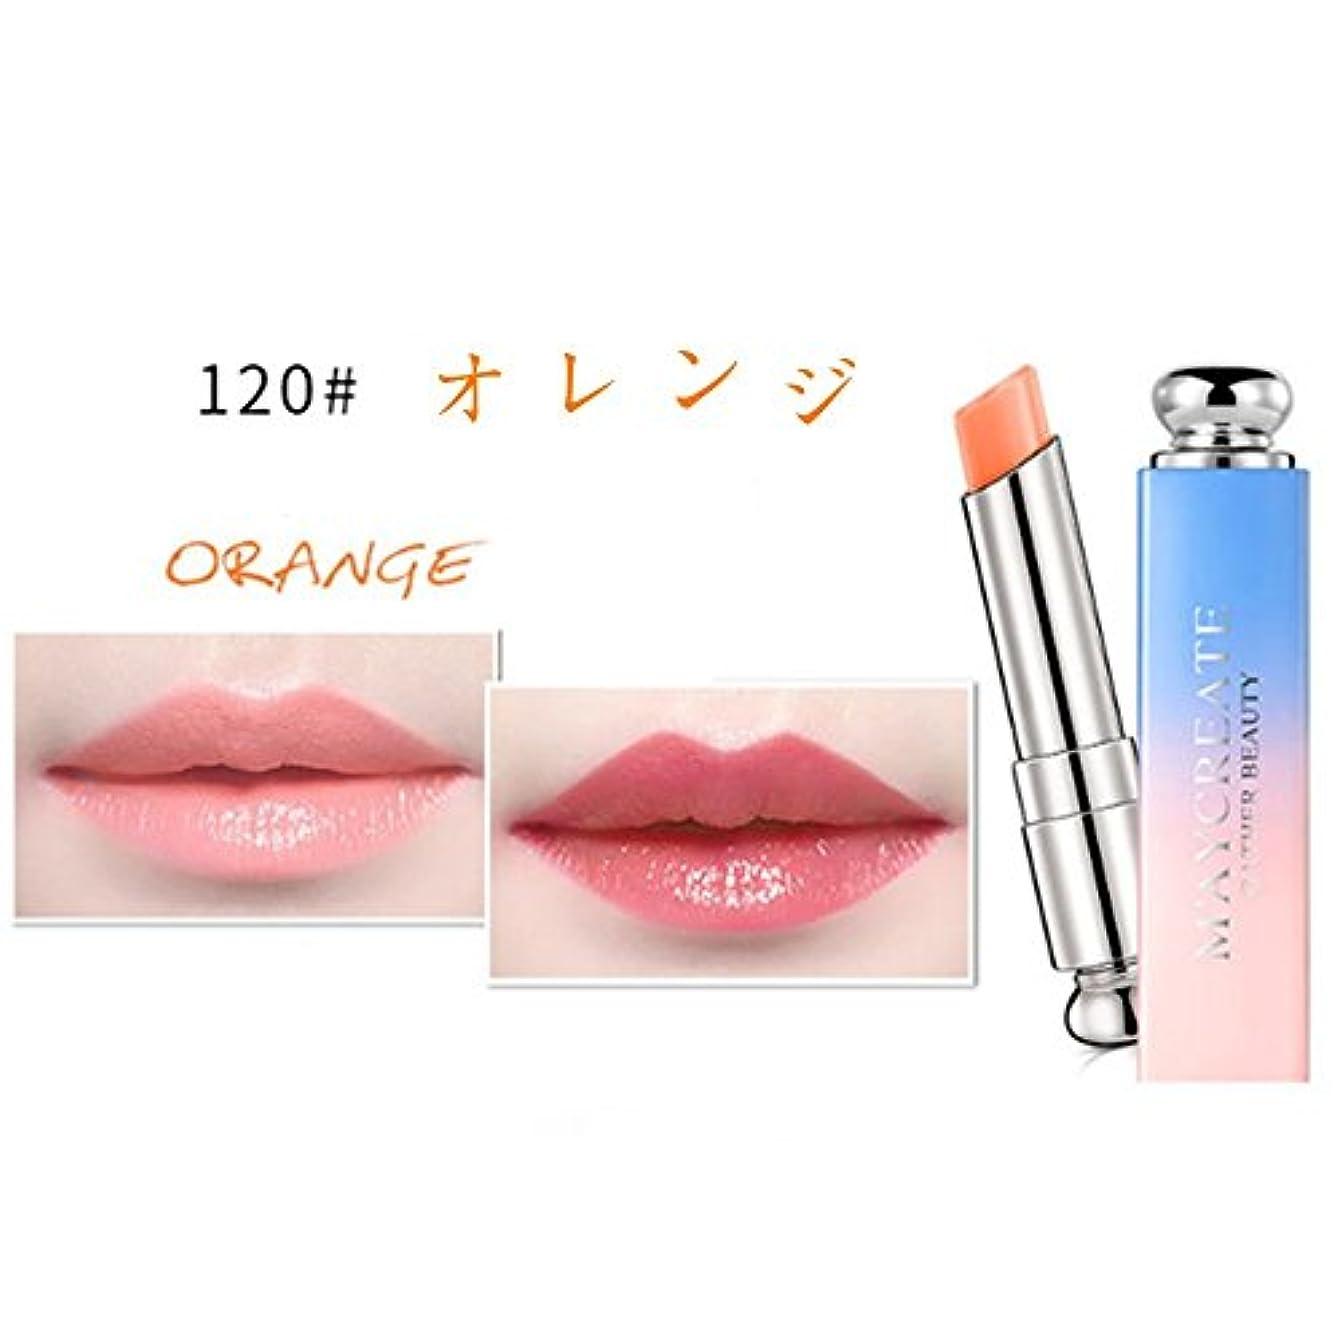 キロメートル精神ベリリップスティック うるおい 口紅 唇の温度で色が変化するリップ 優れる発色力 保湿 長持ち 3.8g (120#)